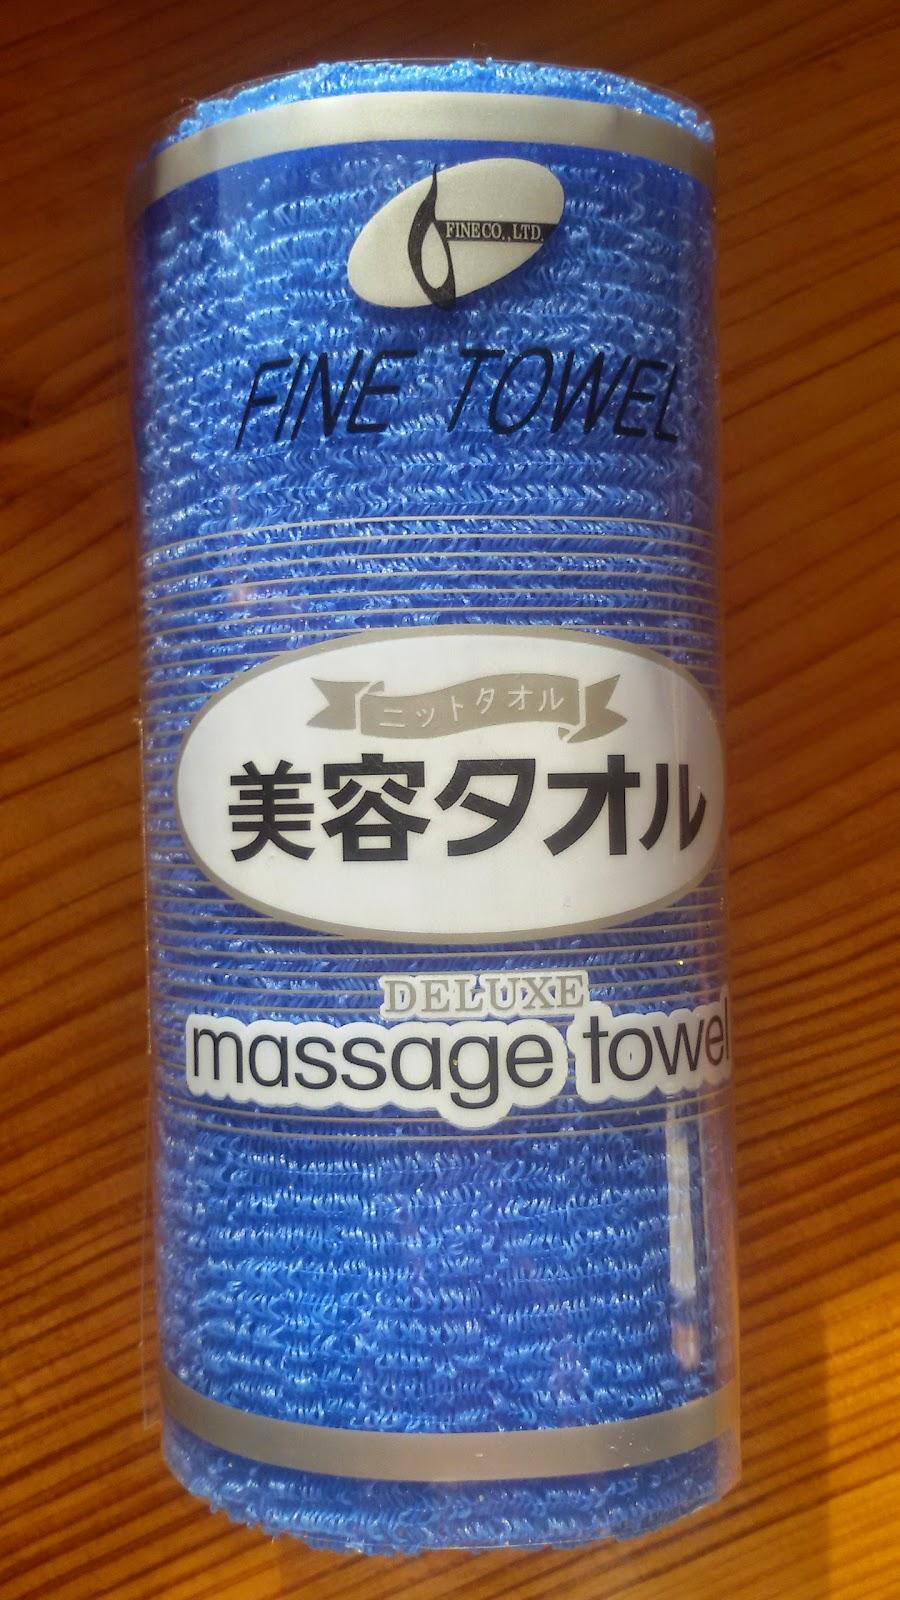 массажное полотенце Massage Towel